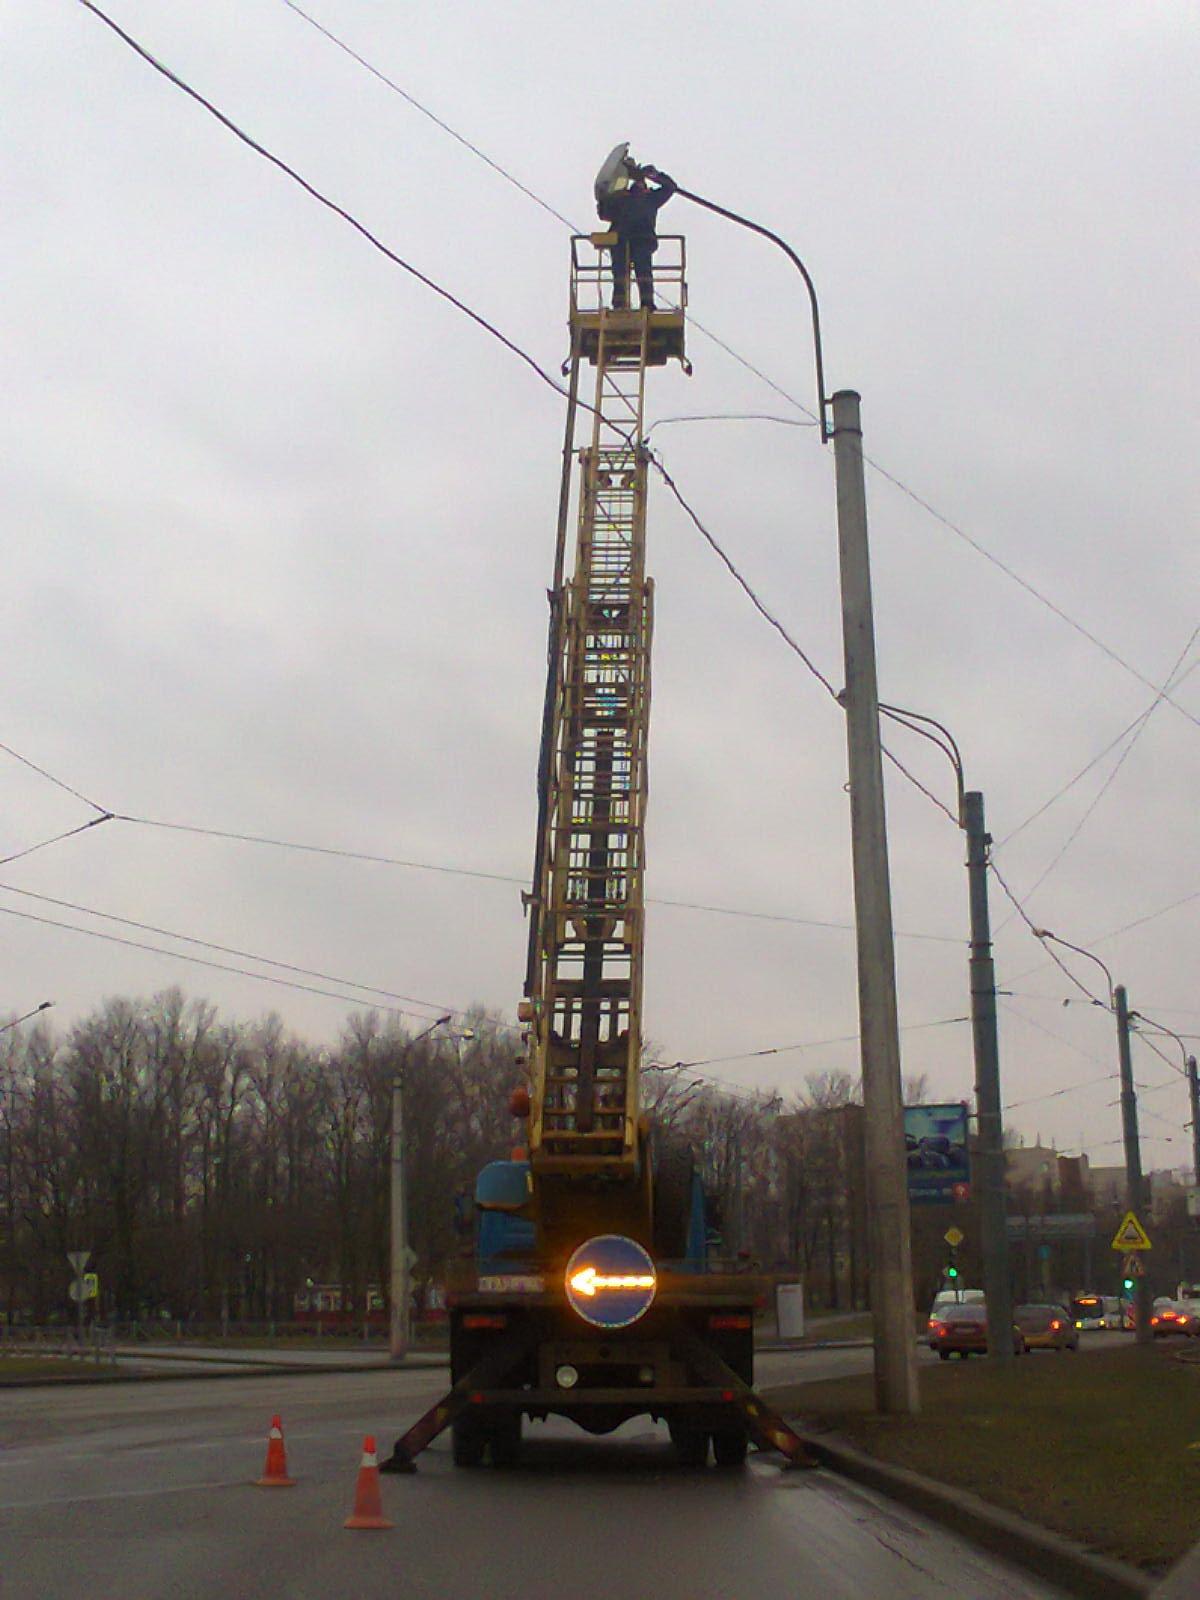 Фото 1. Работа электрика на автовышке - электрик ГУП «Ленсвет» меняет лампу в уличном фонаре на проспекте Стачек (развязка путепровода у съезда по направлению к Петергофскому шоссе).